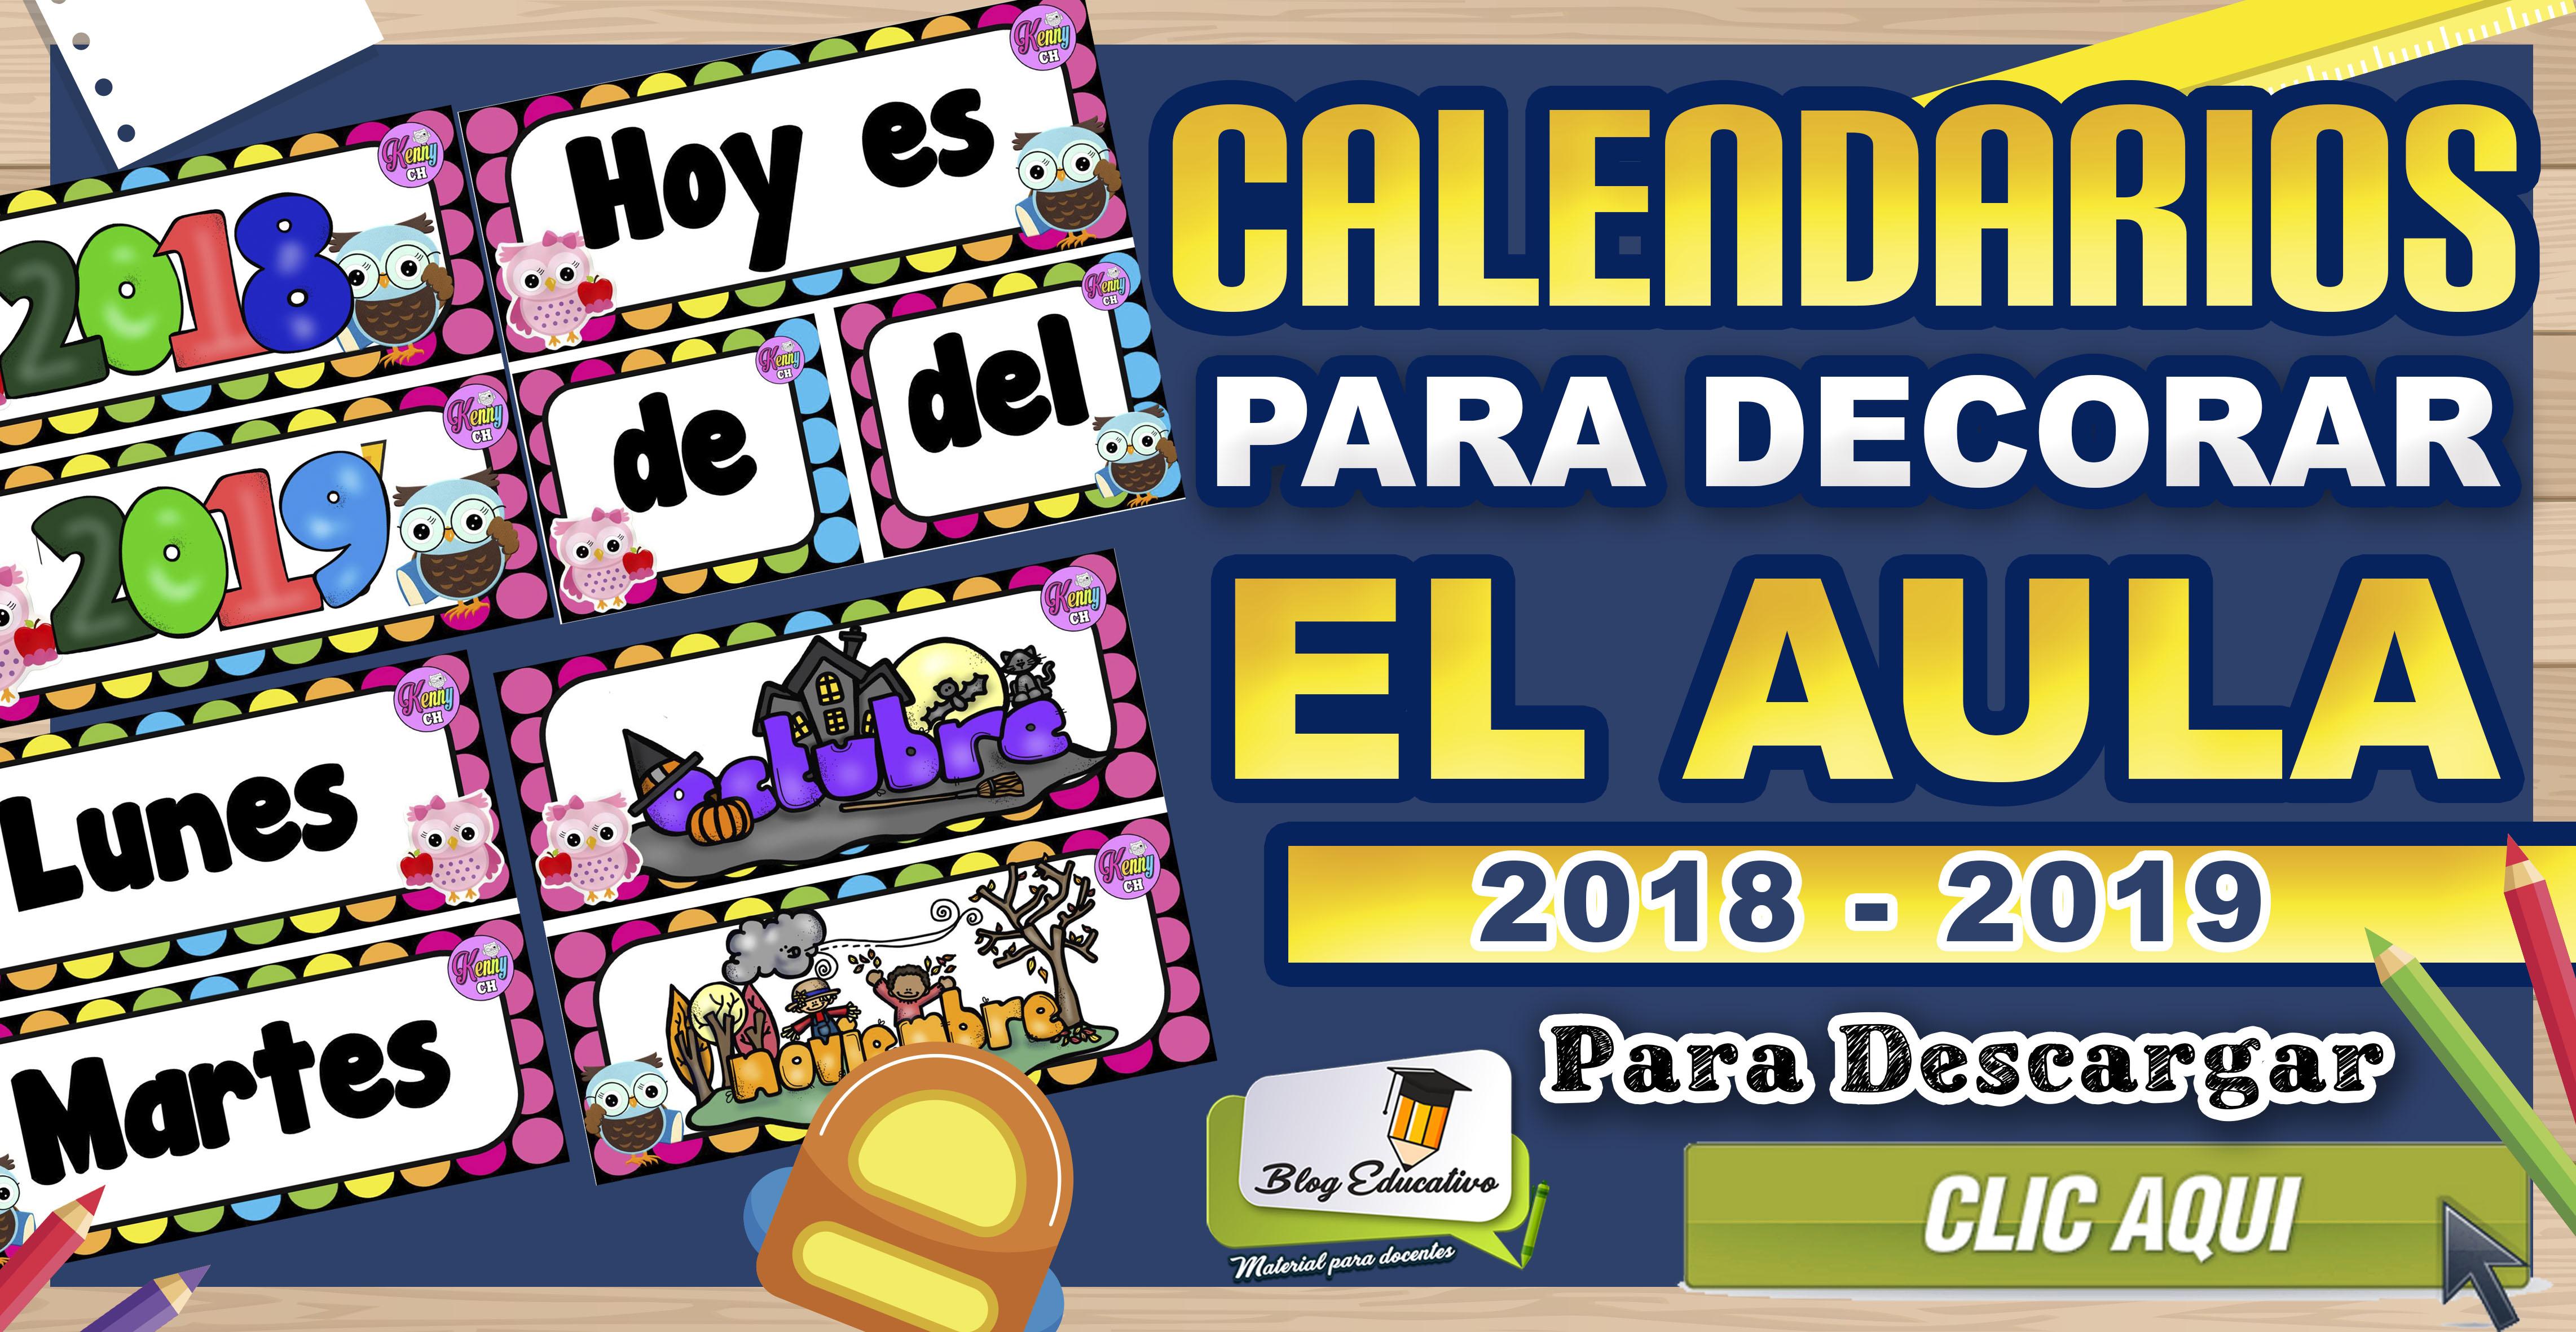 Calendarios para decorar el Aula - 2018 2019 gratis